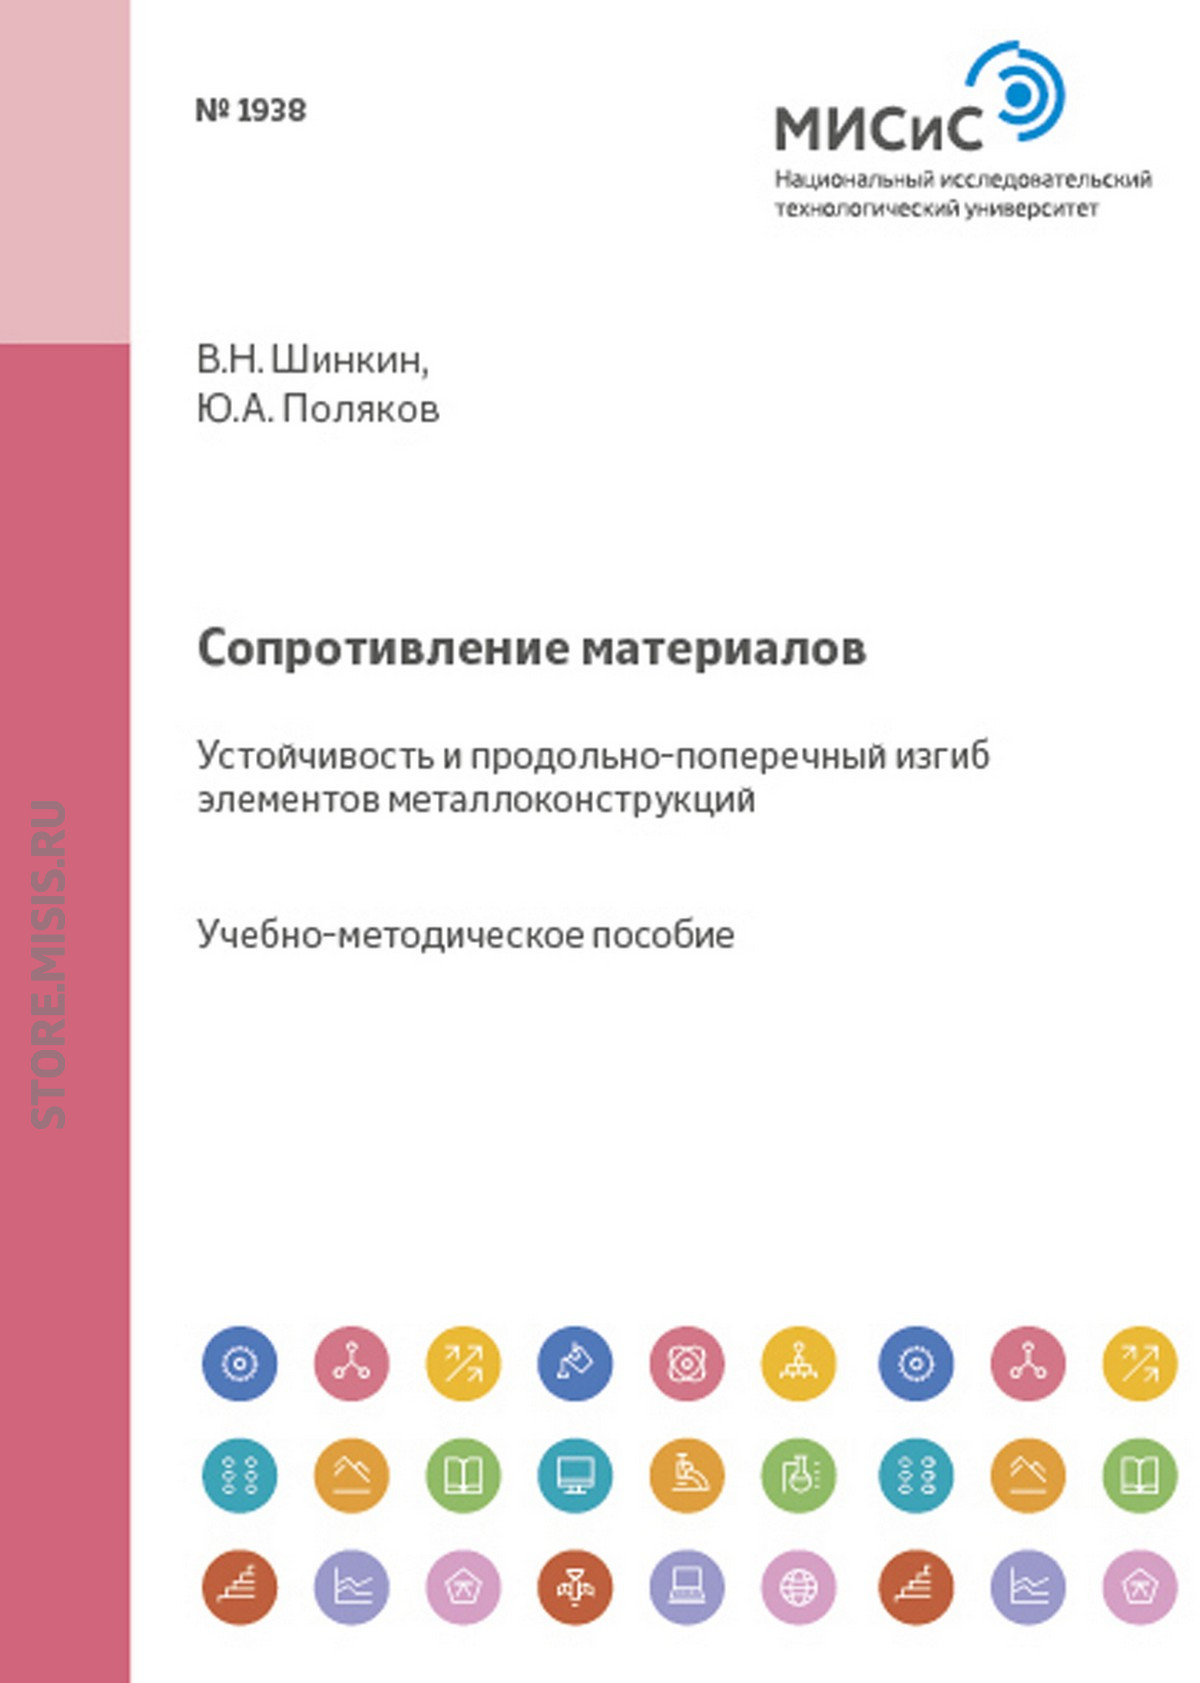 В. Н. Шинкин Сопротивление материалов. Устойчивость и продольно-поперечный изгиб элементов металлоконструкций